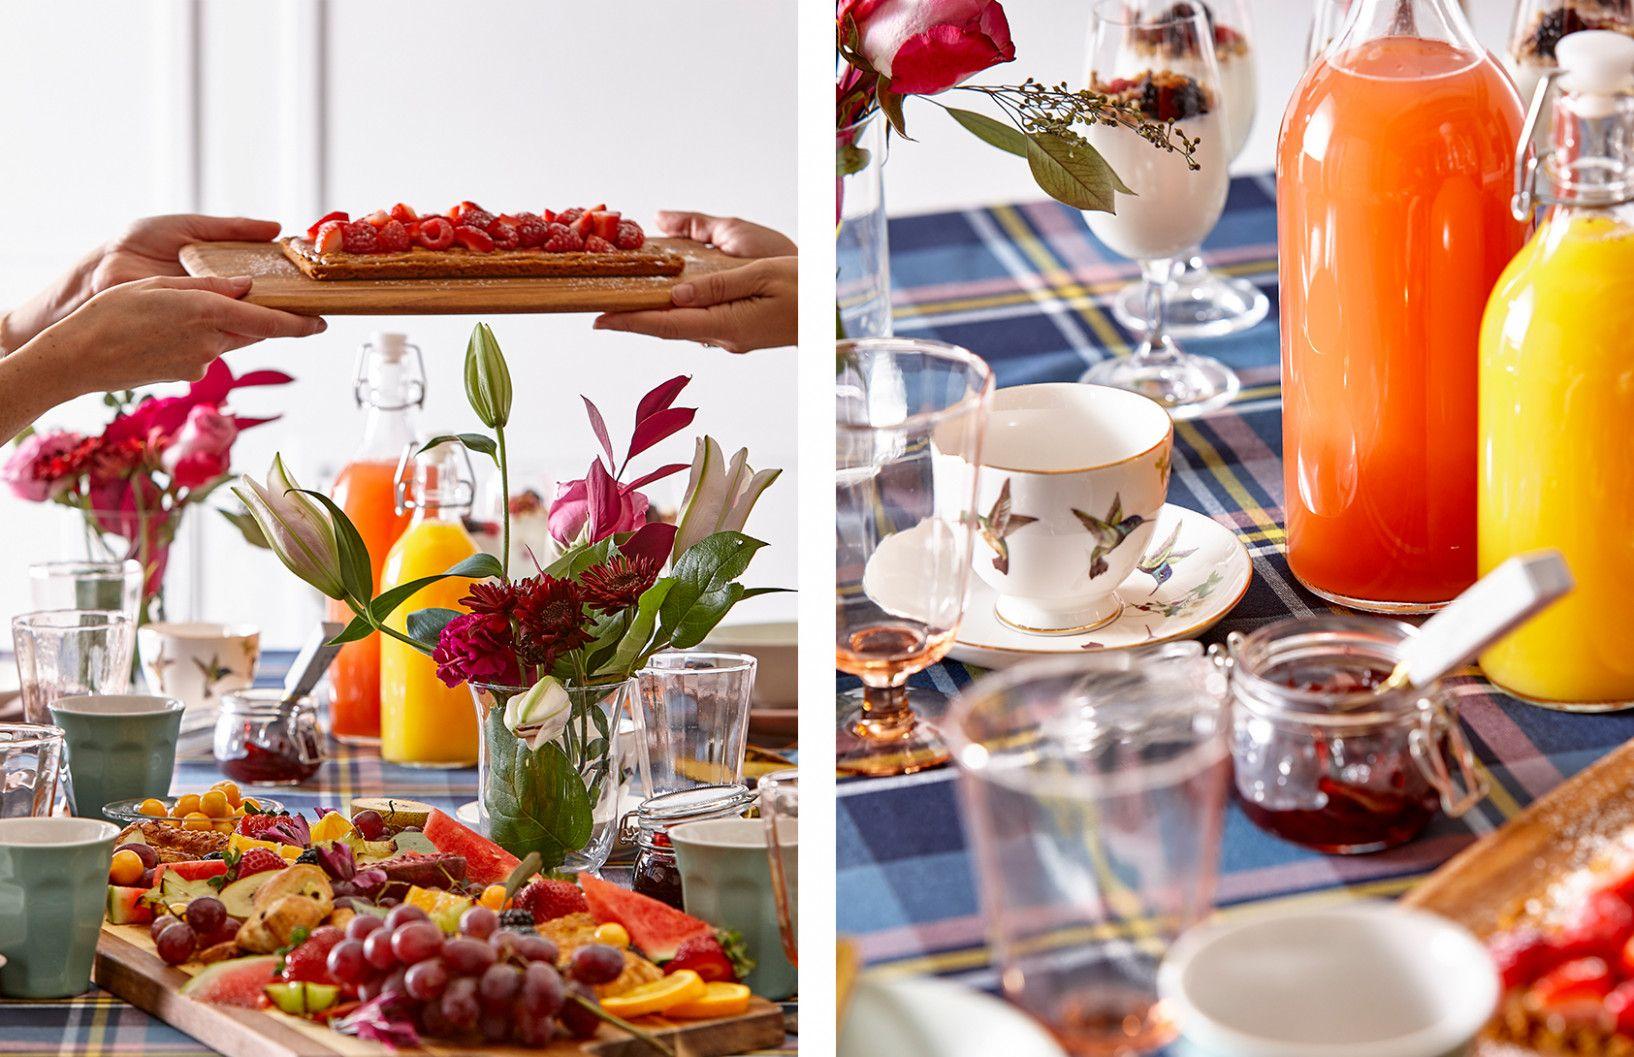 Idée Brunch Cuisine   Table decorations, Decor, Home decor